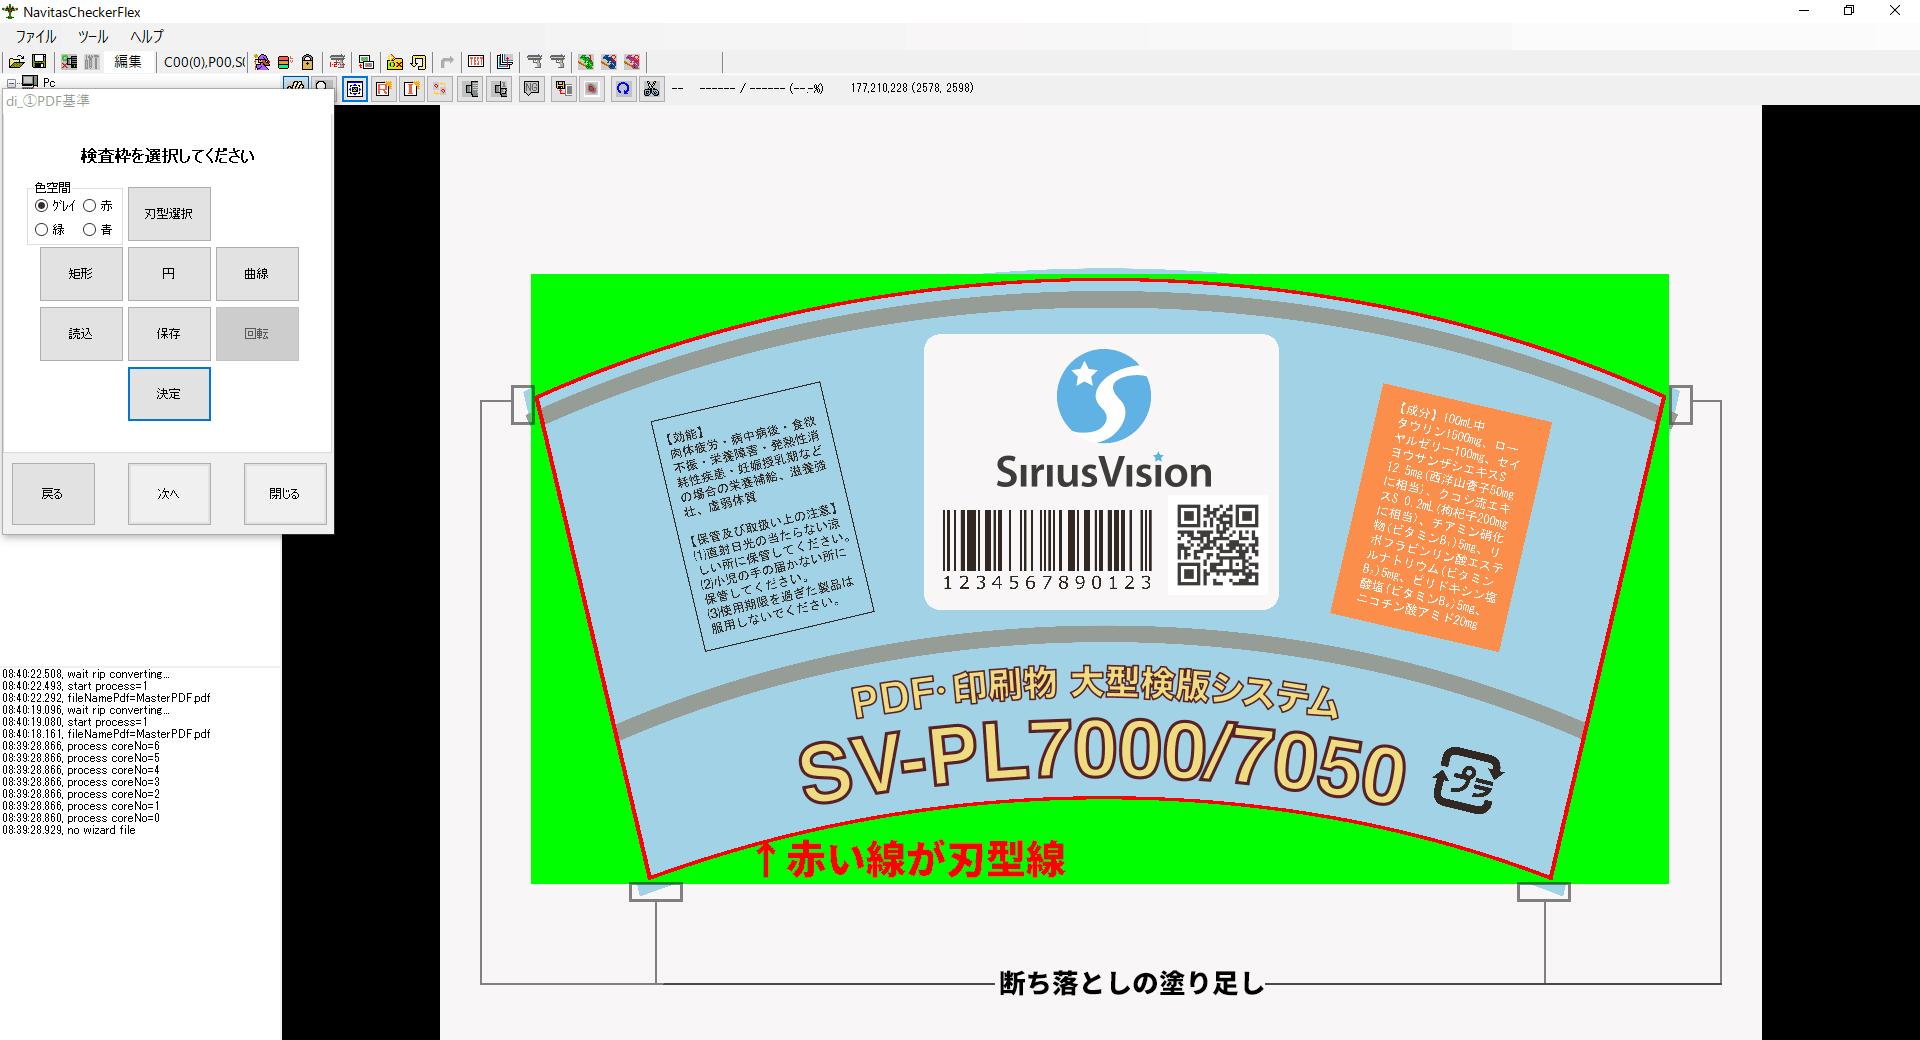 刃型線(外形線)を自動認識、検査枠を自動で設定のイメージ